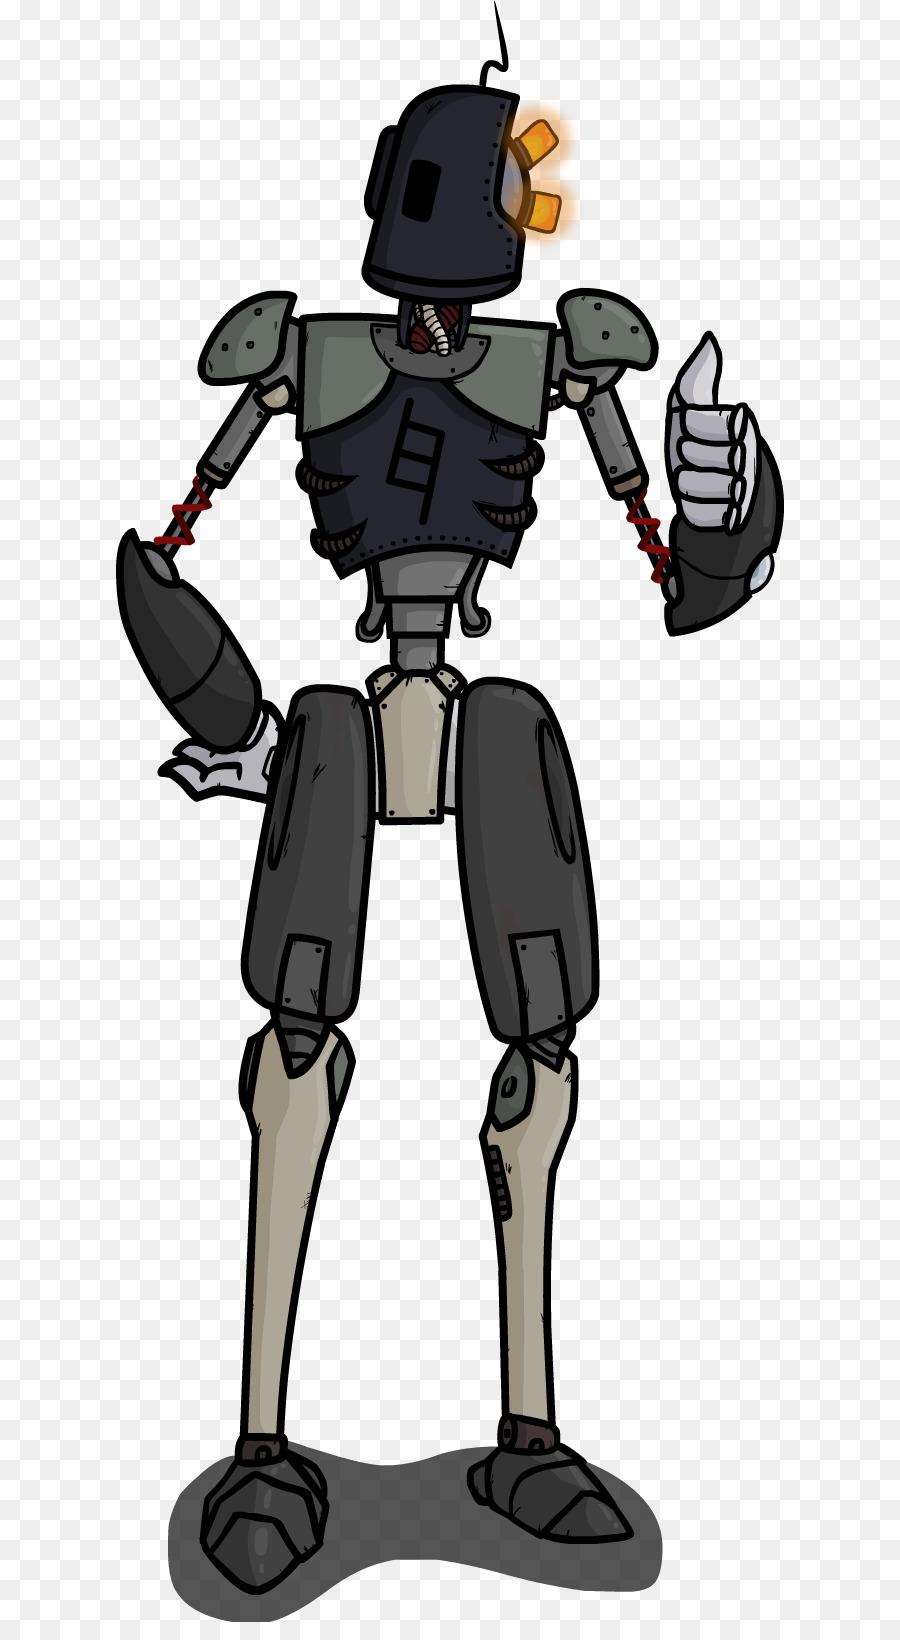 Descarga gratuita de Robot, De Dibujos Animados, Carácter Imágen de Png